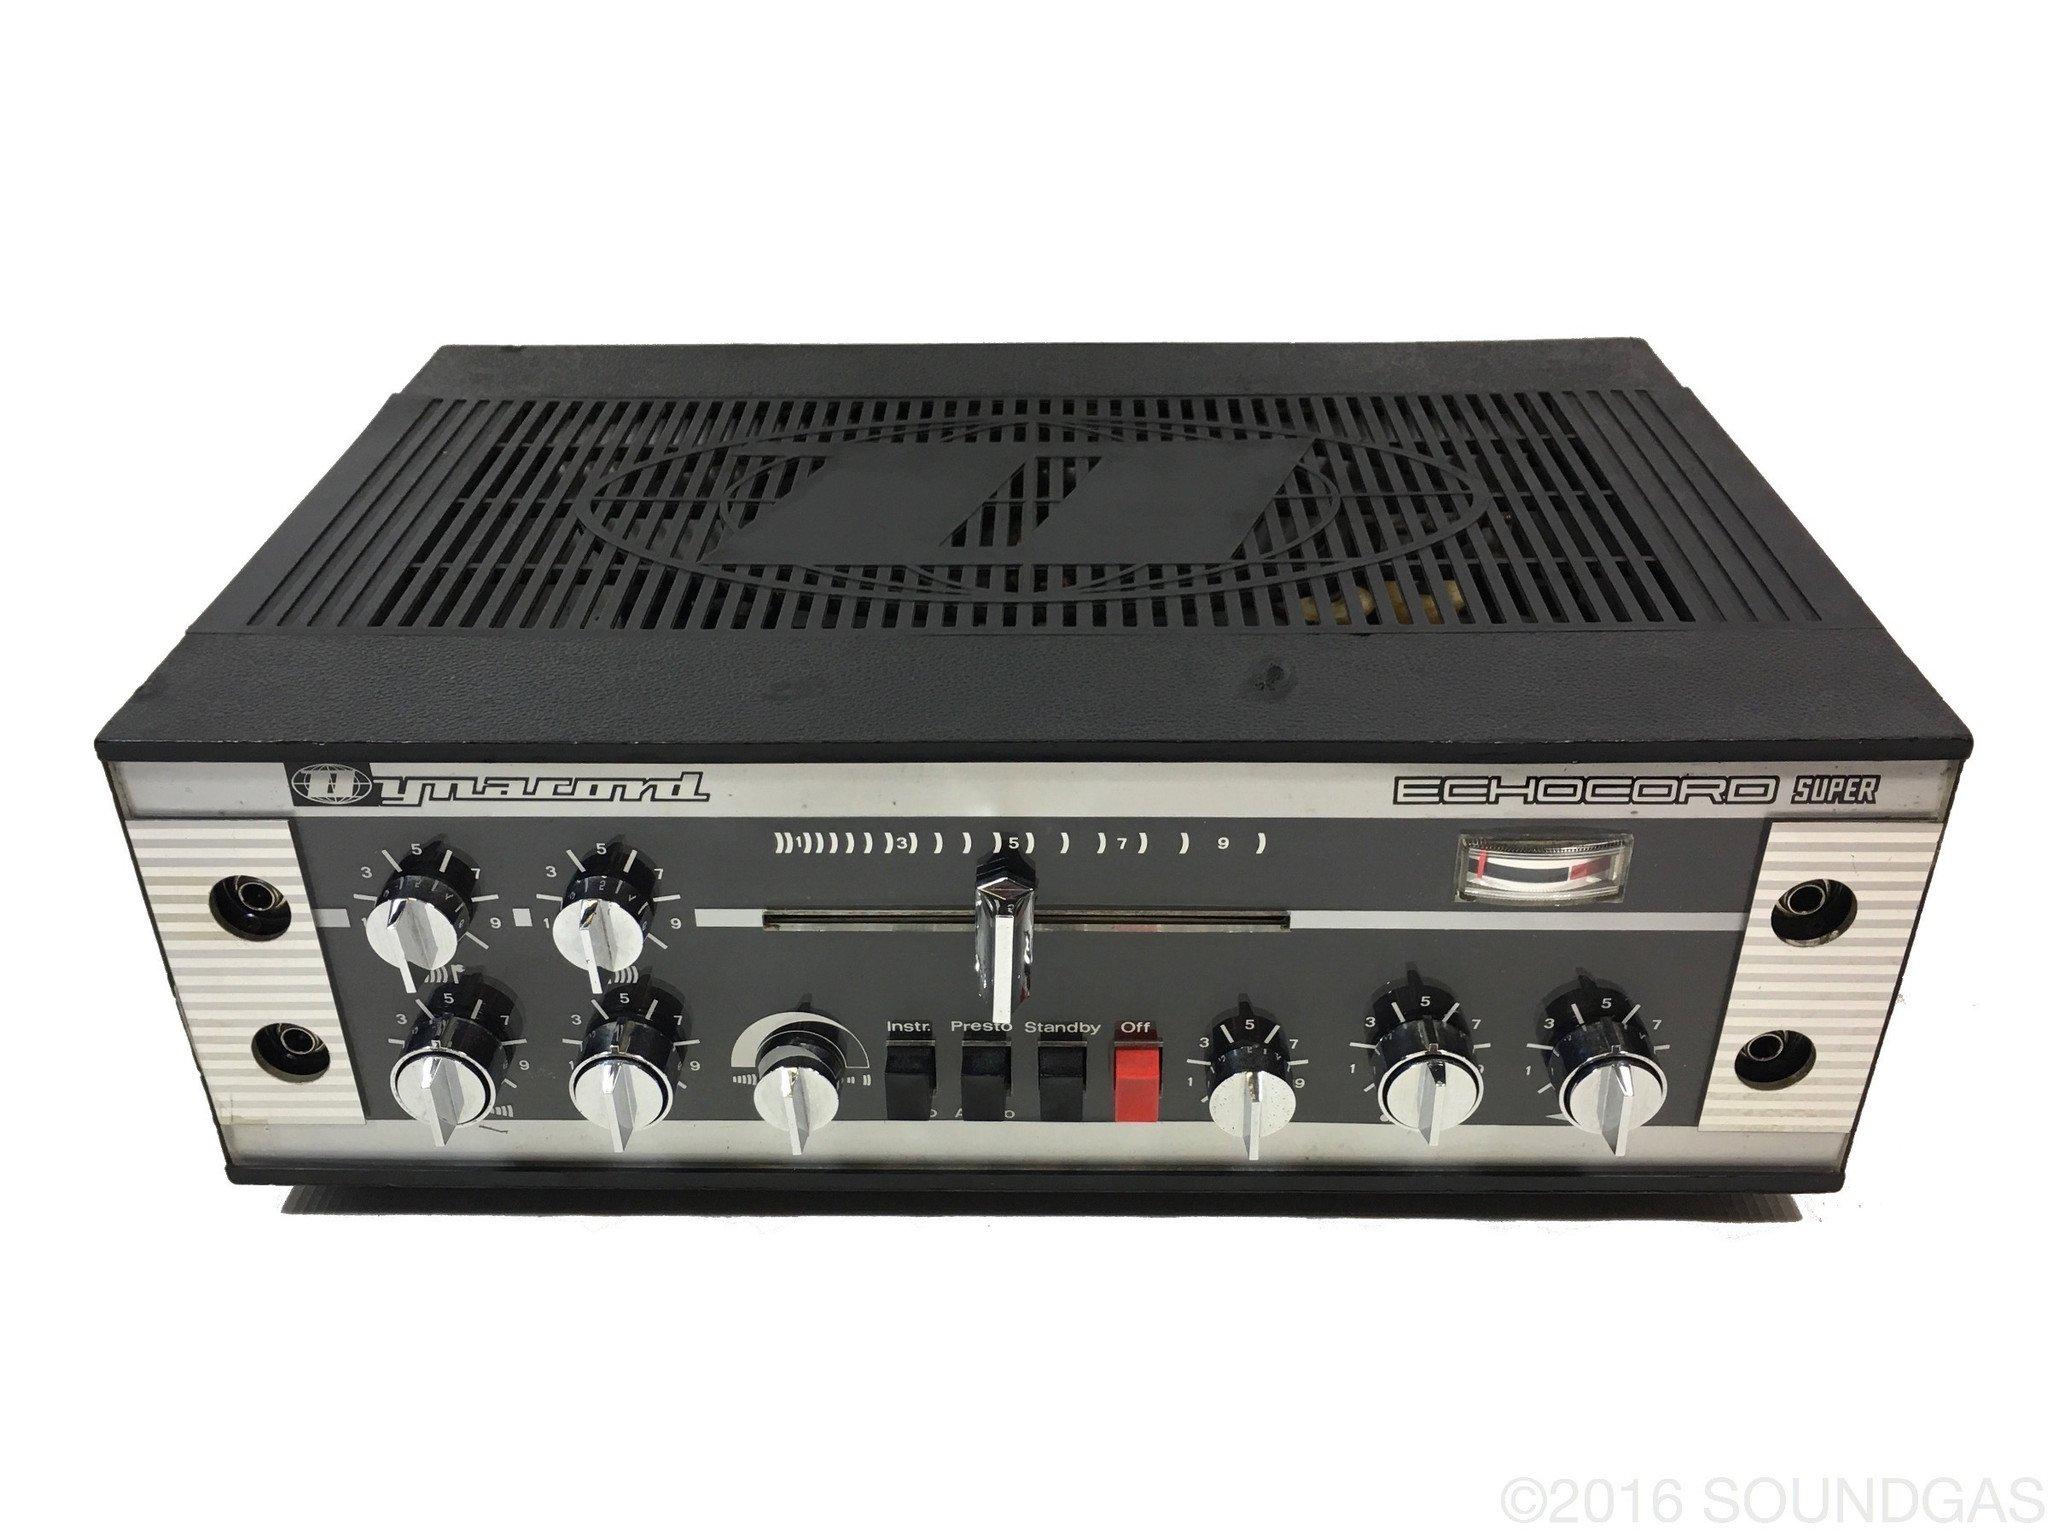 Dynacord-Echocord-Super-76-Cover-1_f7061cd3-02a4-47ce-85ae-d1a4a548861a